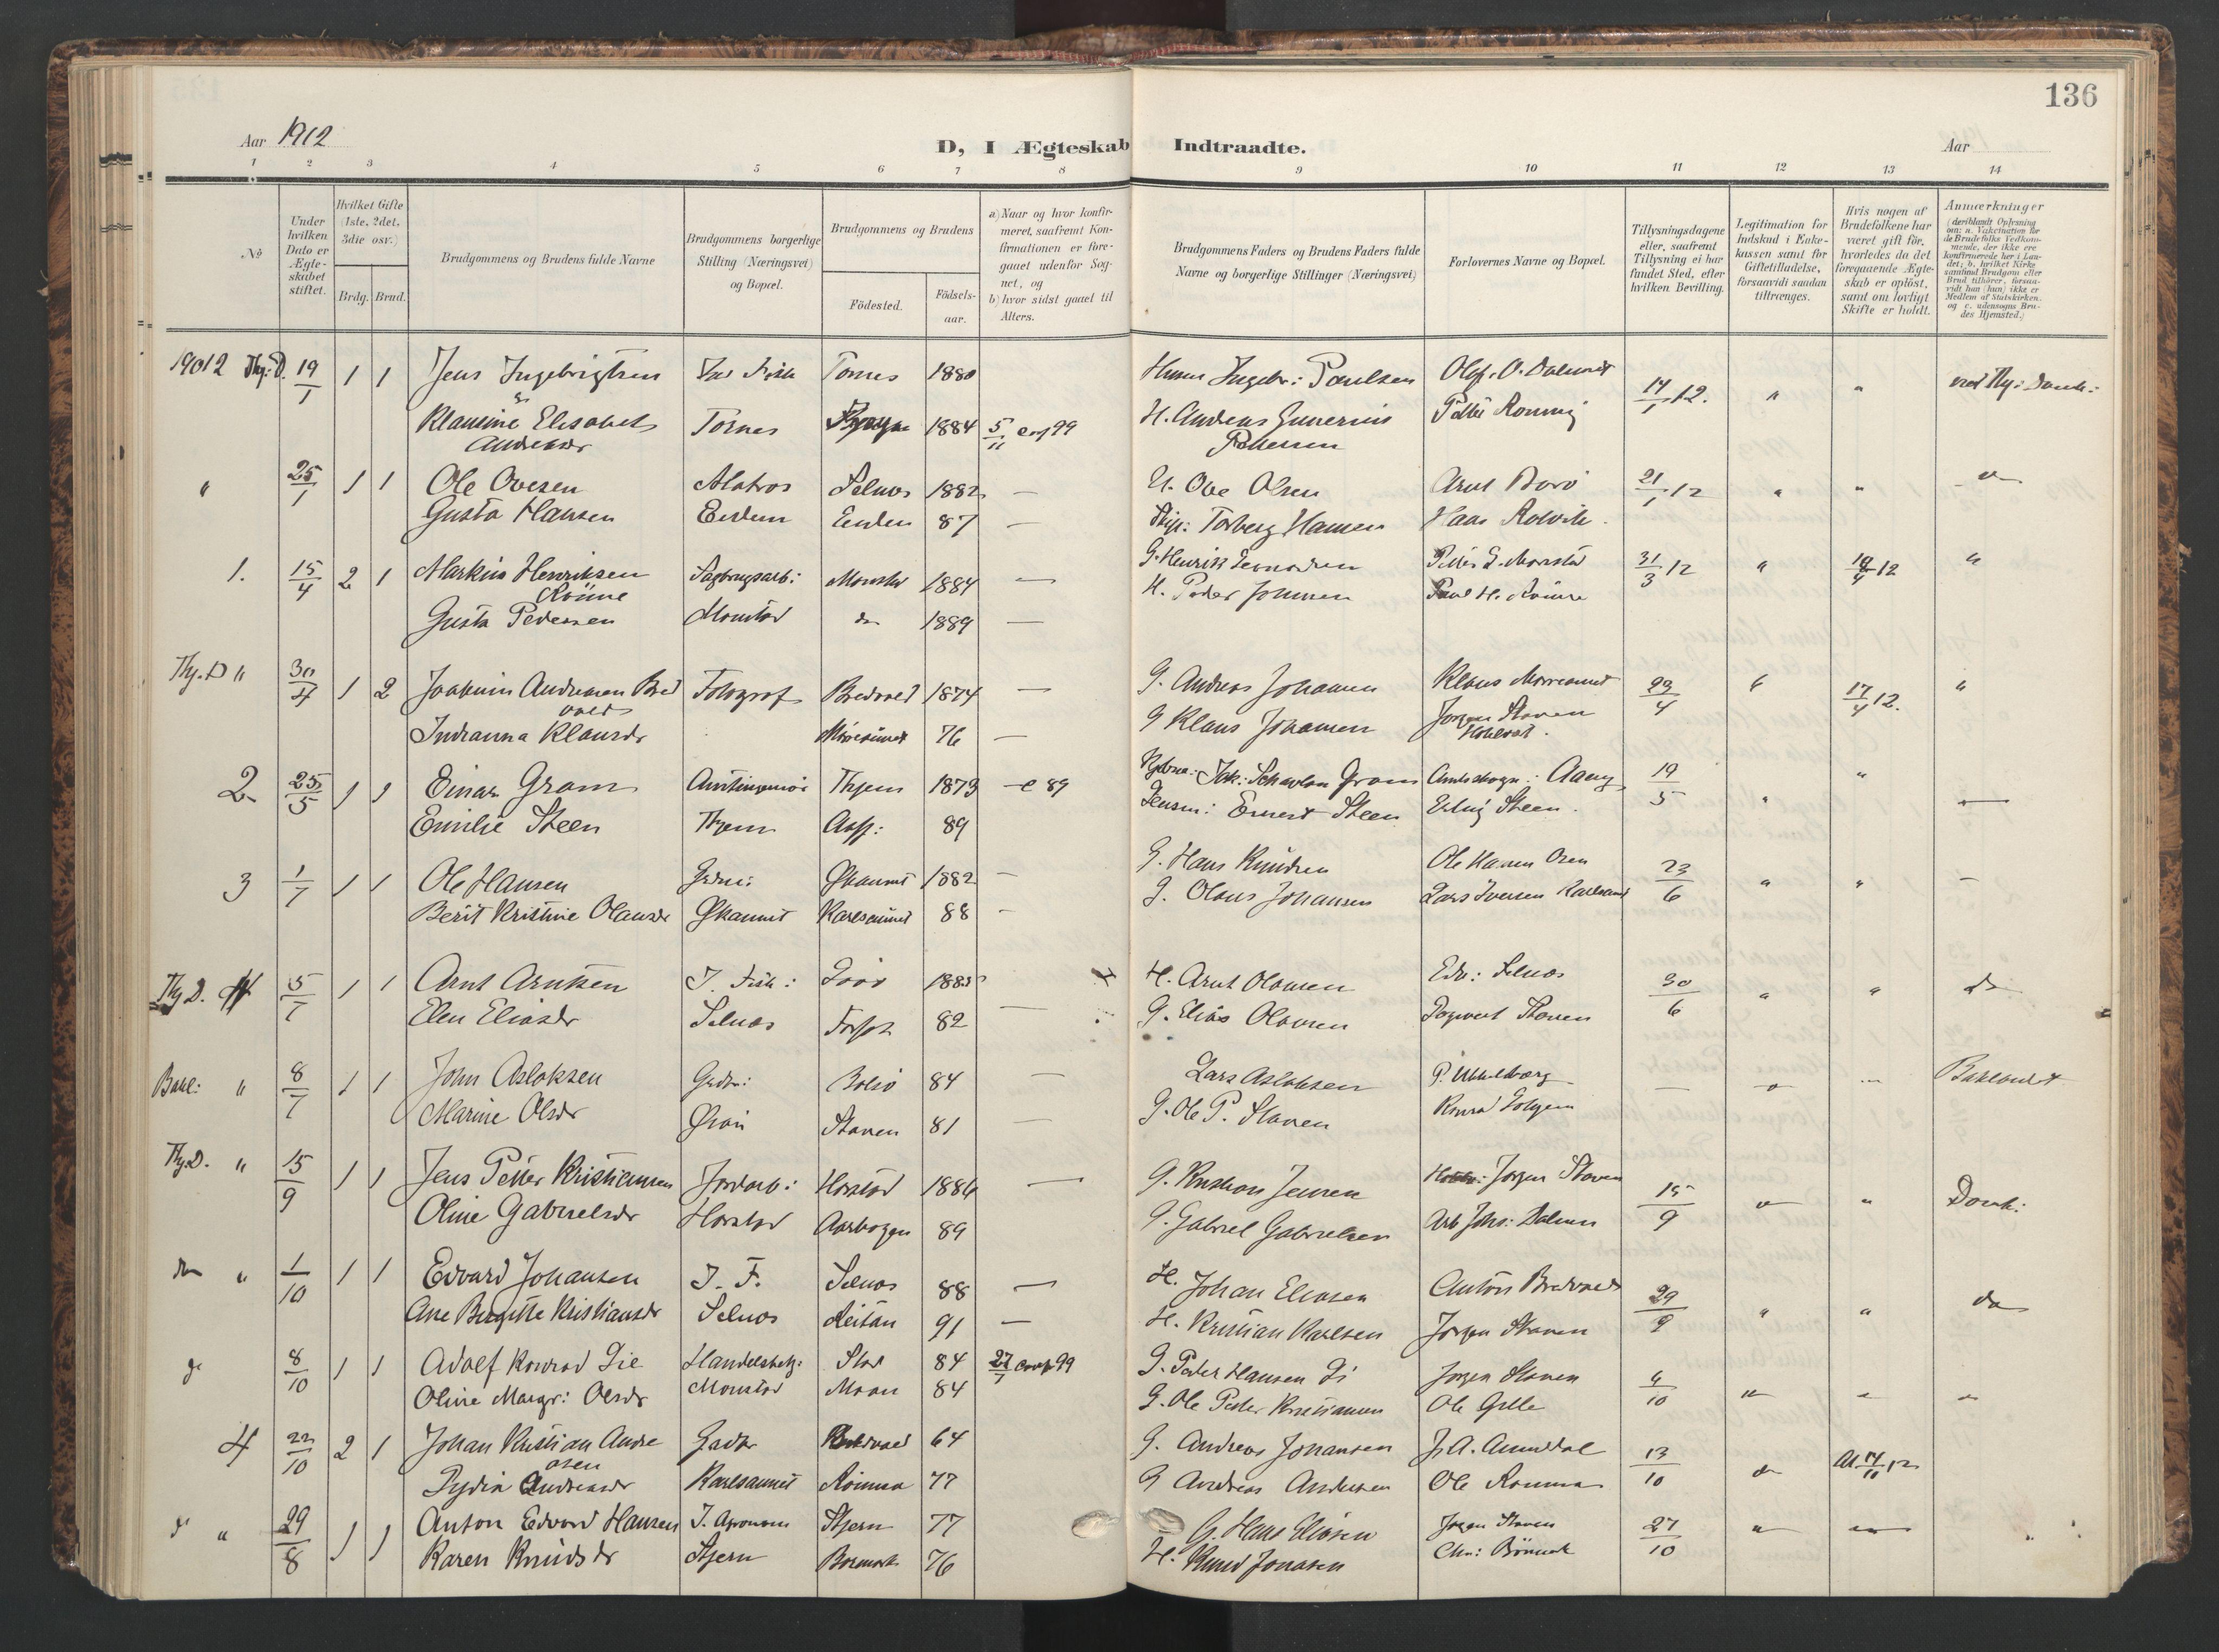 SAT, Ministerialprotokoller, klokkerbøker og fødselsregistre - Sør-Trøndelag, 655/L0682: Ministerialbok nr. 655A11, 1908-1922, s. 136